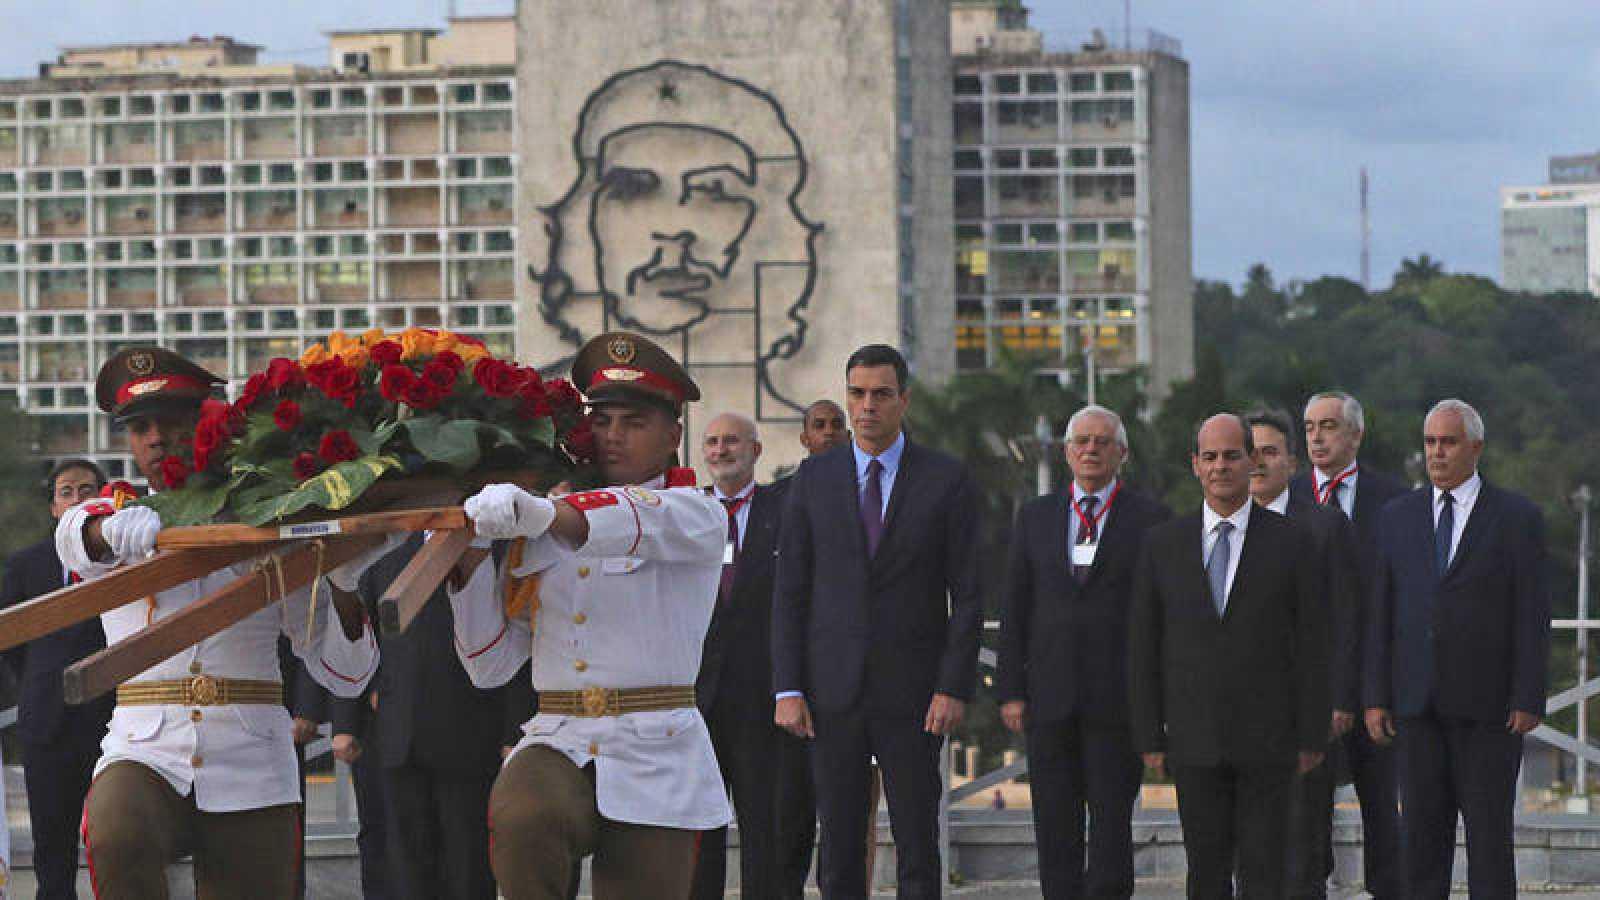 Las mañanas de RNE con Íñigo Alfonso - El ensayista cubano Rafael Rojas rechaza que la apertura económica implique la política - Escuchar ahora